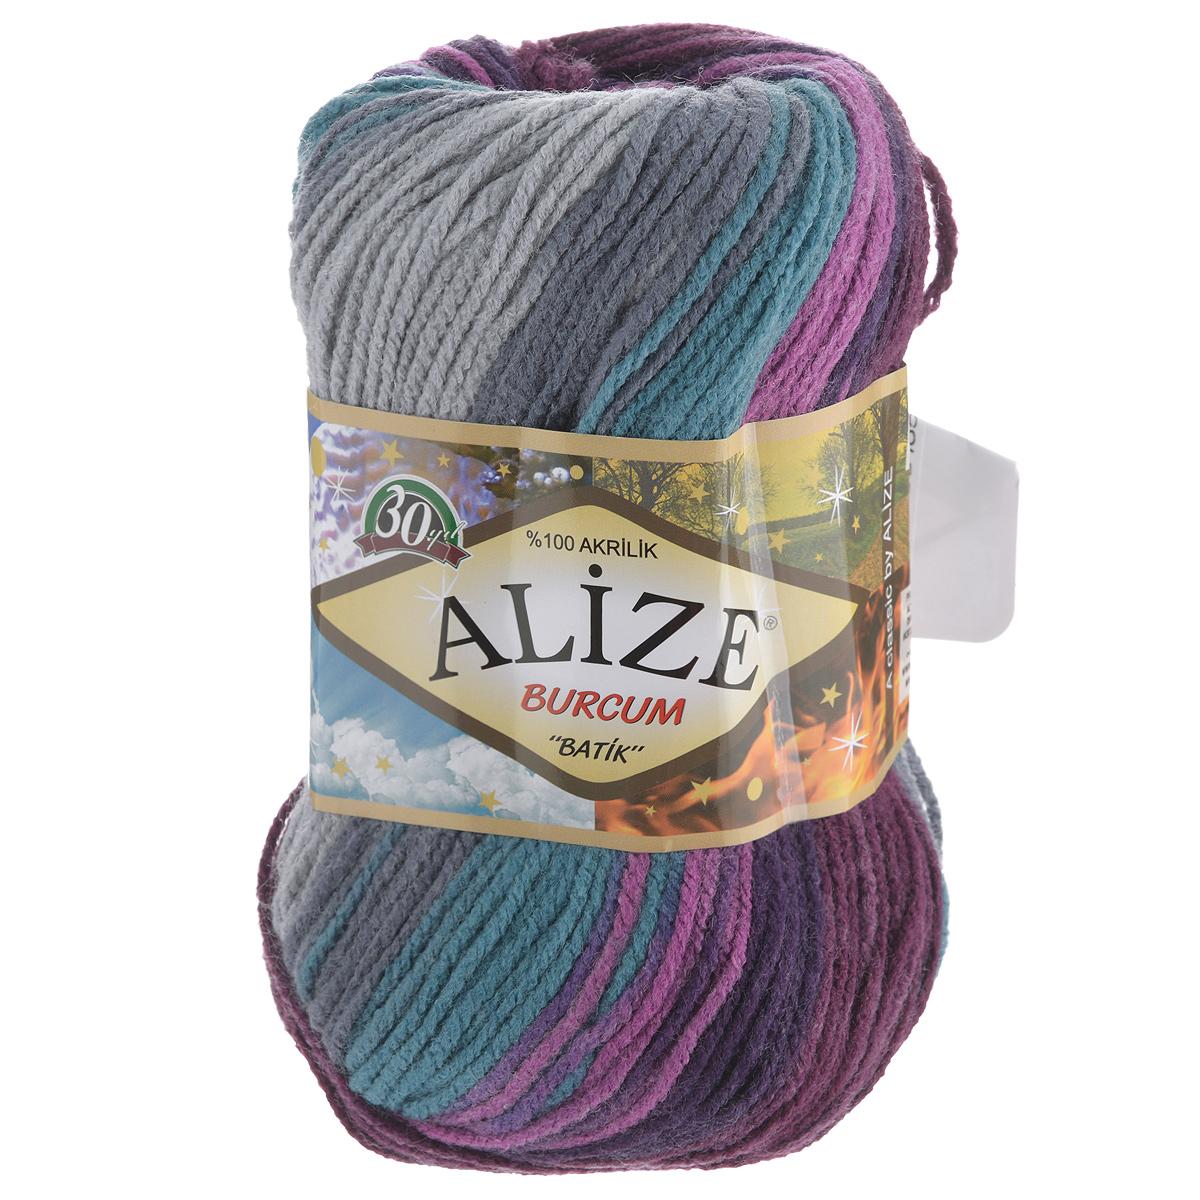 Пряжа для вязания Alize Burсum Batik, цвет: фиолетовый, серый, темно-зеленый (3366), 210 м, 100 г, 5 шт364118_3366Пряжа Alize Burсum Batik - это классическая демисезонная пряжа секционного крашения. Она мягкая, «нескрипучая». Нить плотно скручена, после распускания не деформируется. Связанные вещи не колются, не линяют, не теряют своей формы, не образуют катышков. Такую пряжу можно даже использовать для вязания детской одежды. Пряжа Alize Burсum Batik идеальна для создания свитеров, регланов, жилетов, кардиганов, шарфов, шапок, аксессуаров, пледов и др. Рекомендованные спицы для вязания 4-6 мм. Состав: 100% акрил.